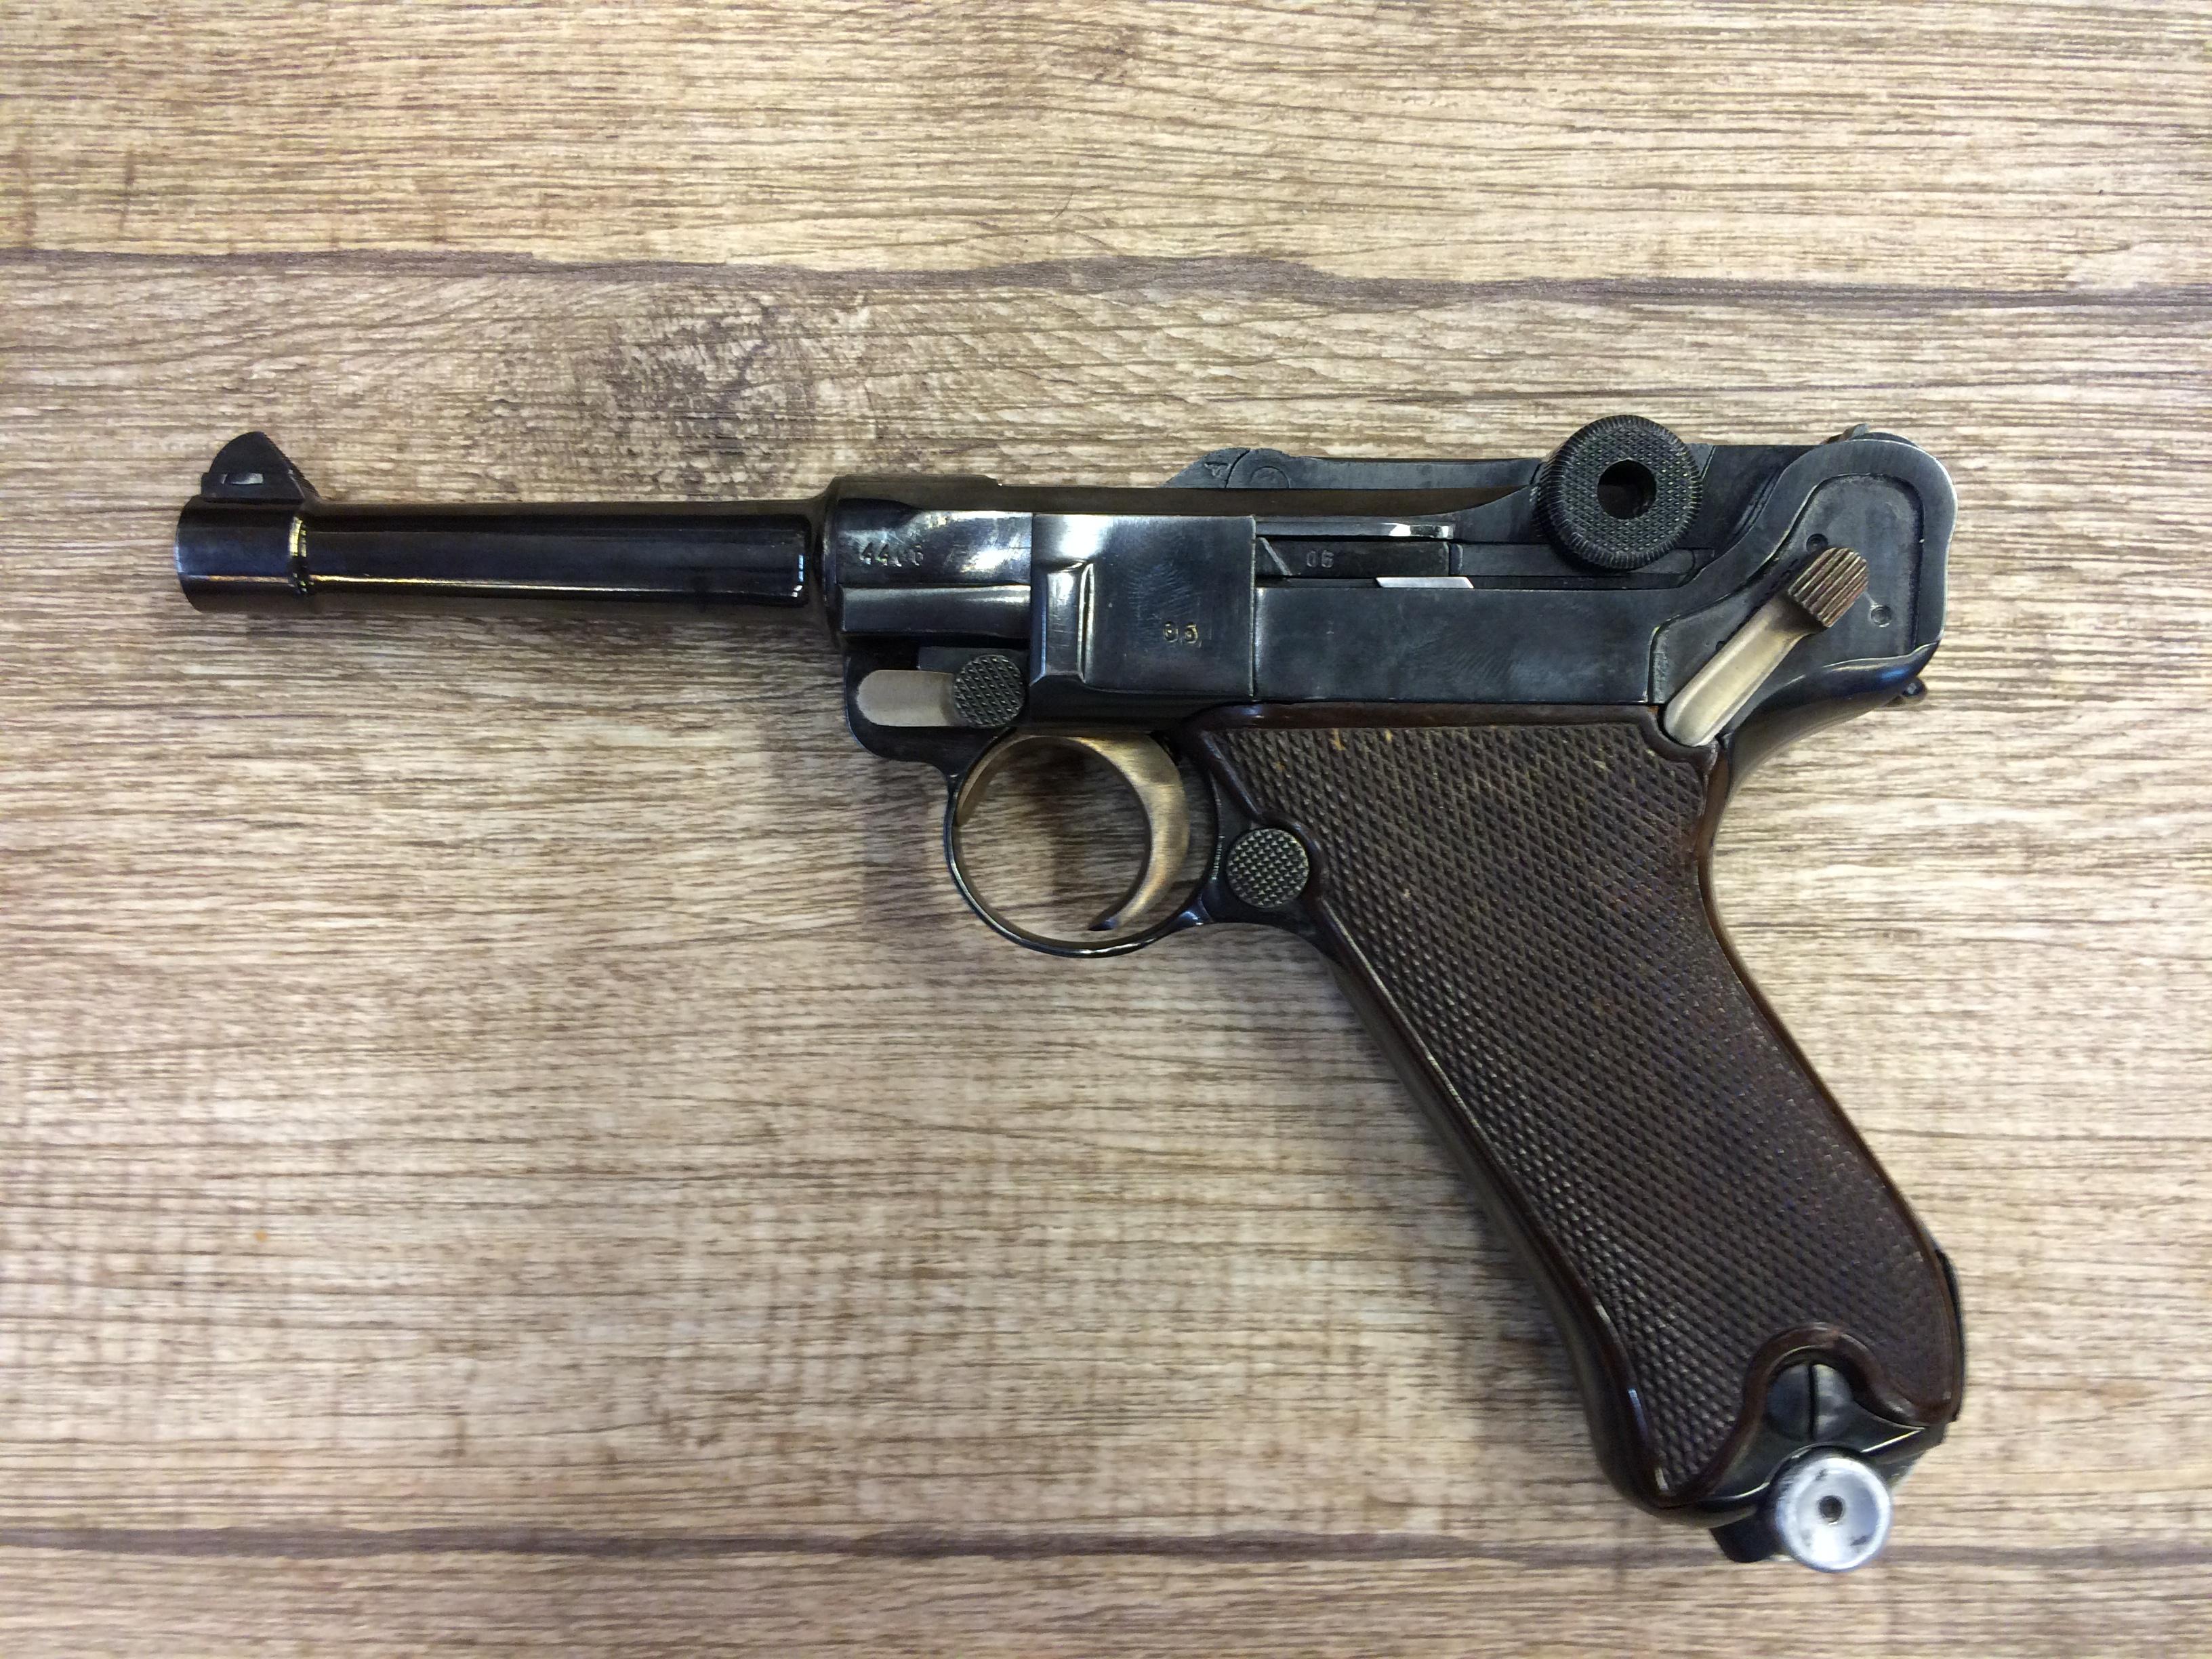 Faustfeuerwaffen   Der Jäger Waffenhandel GesmbH